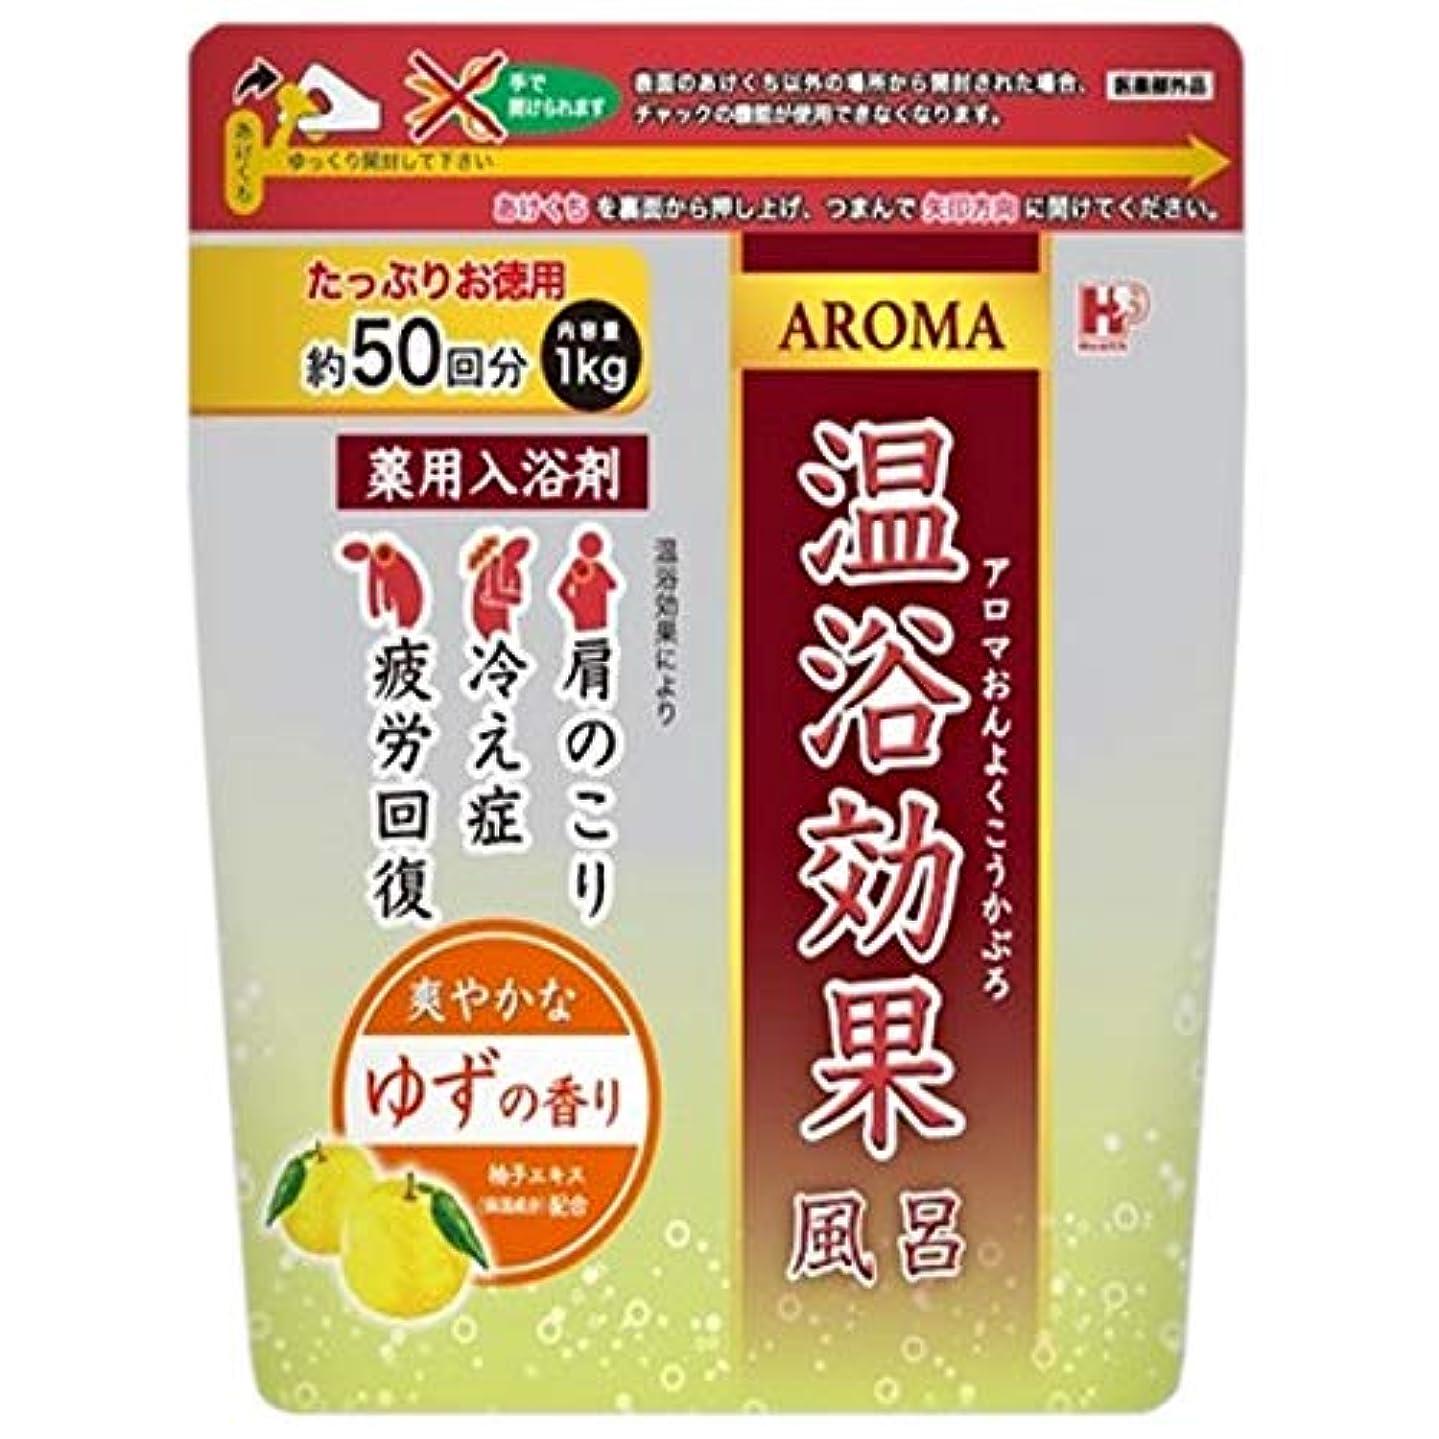 衣類十ベール薬用入浴剤 アロマ温浴効果風呂 ゆず 1kg×10袋入